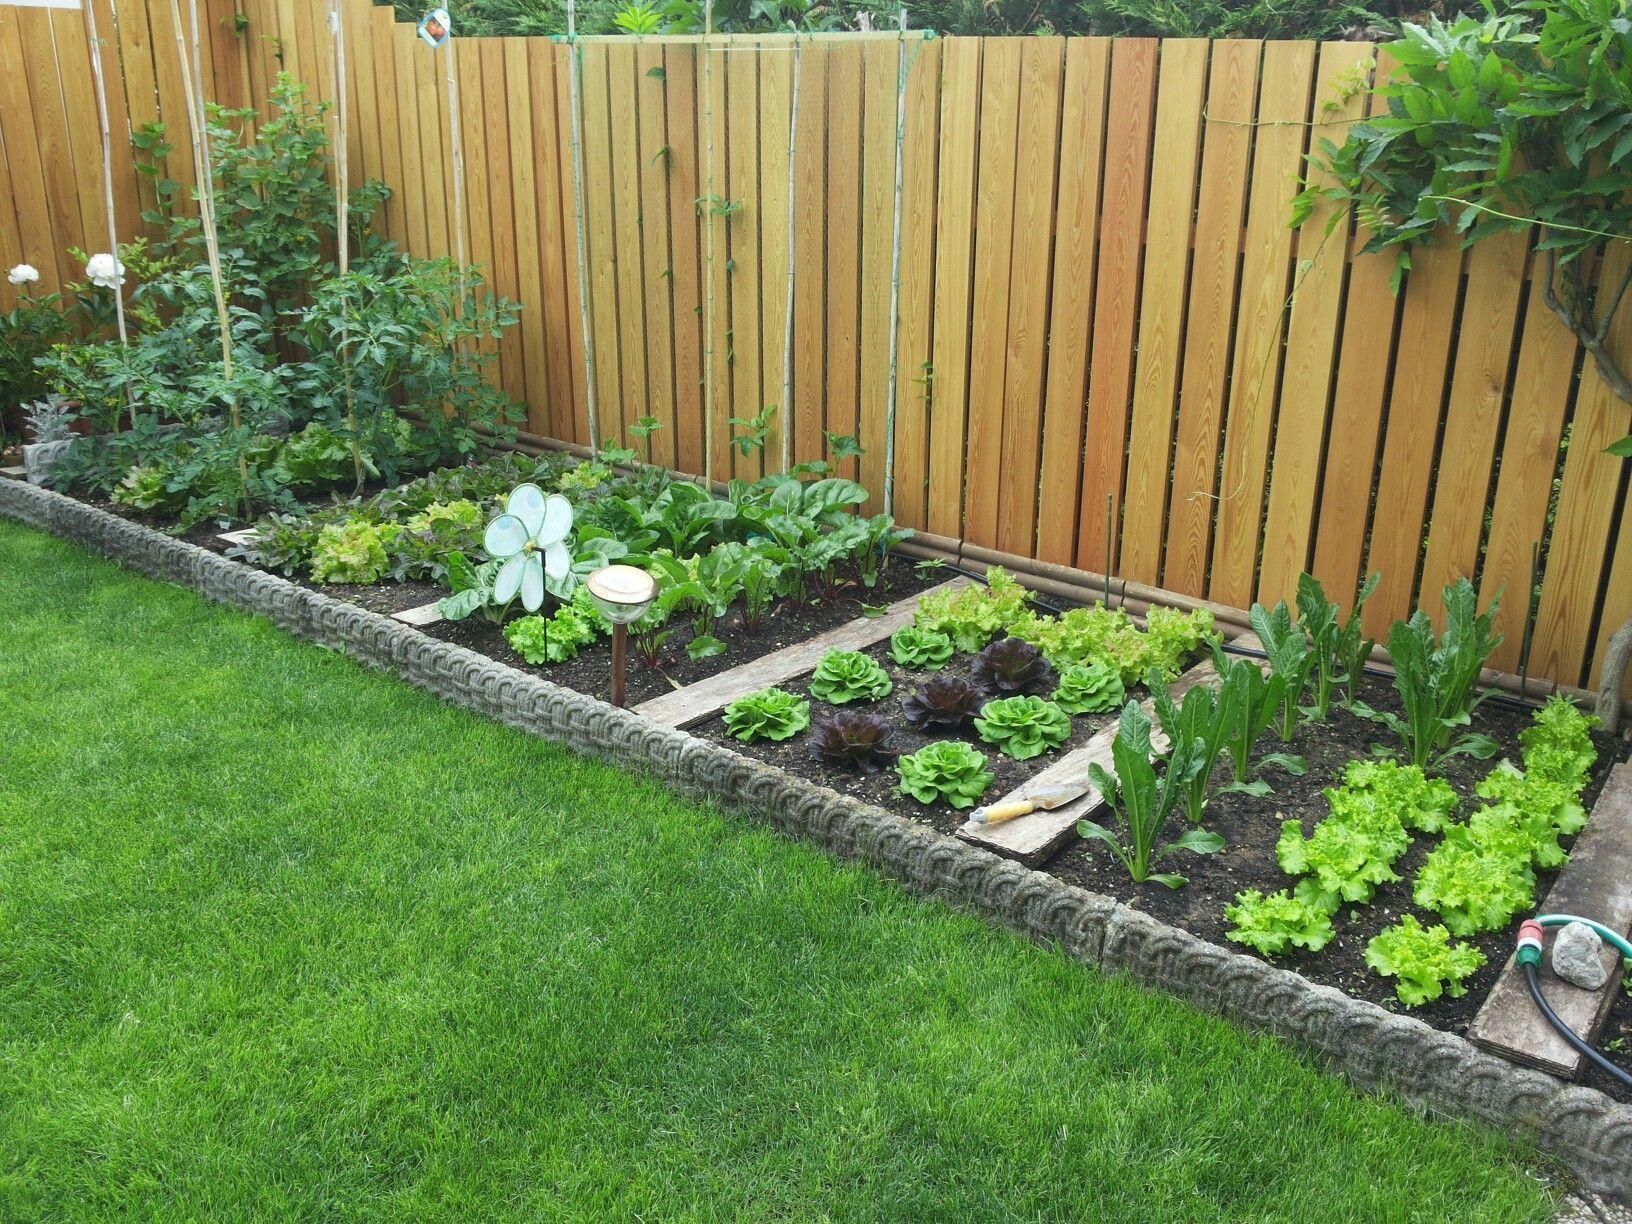 Raised Vegetable Garden Arizona #Arizona #barn shed landscaping #garden #Raised ...#arizona #barn - Pergola Ideas